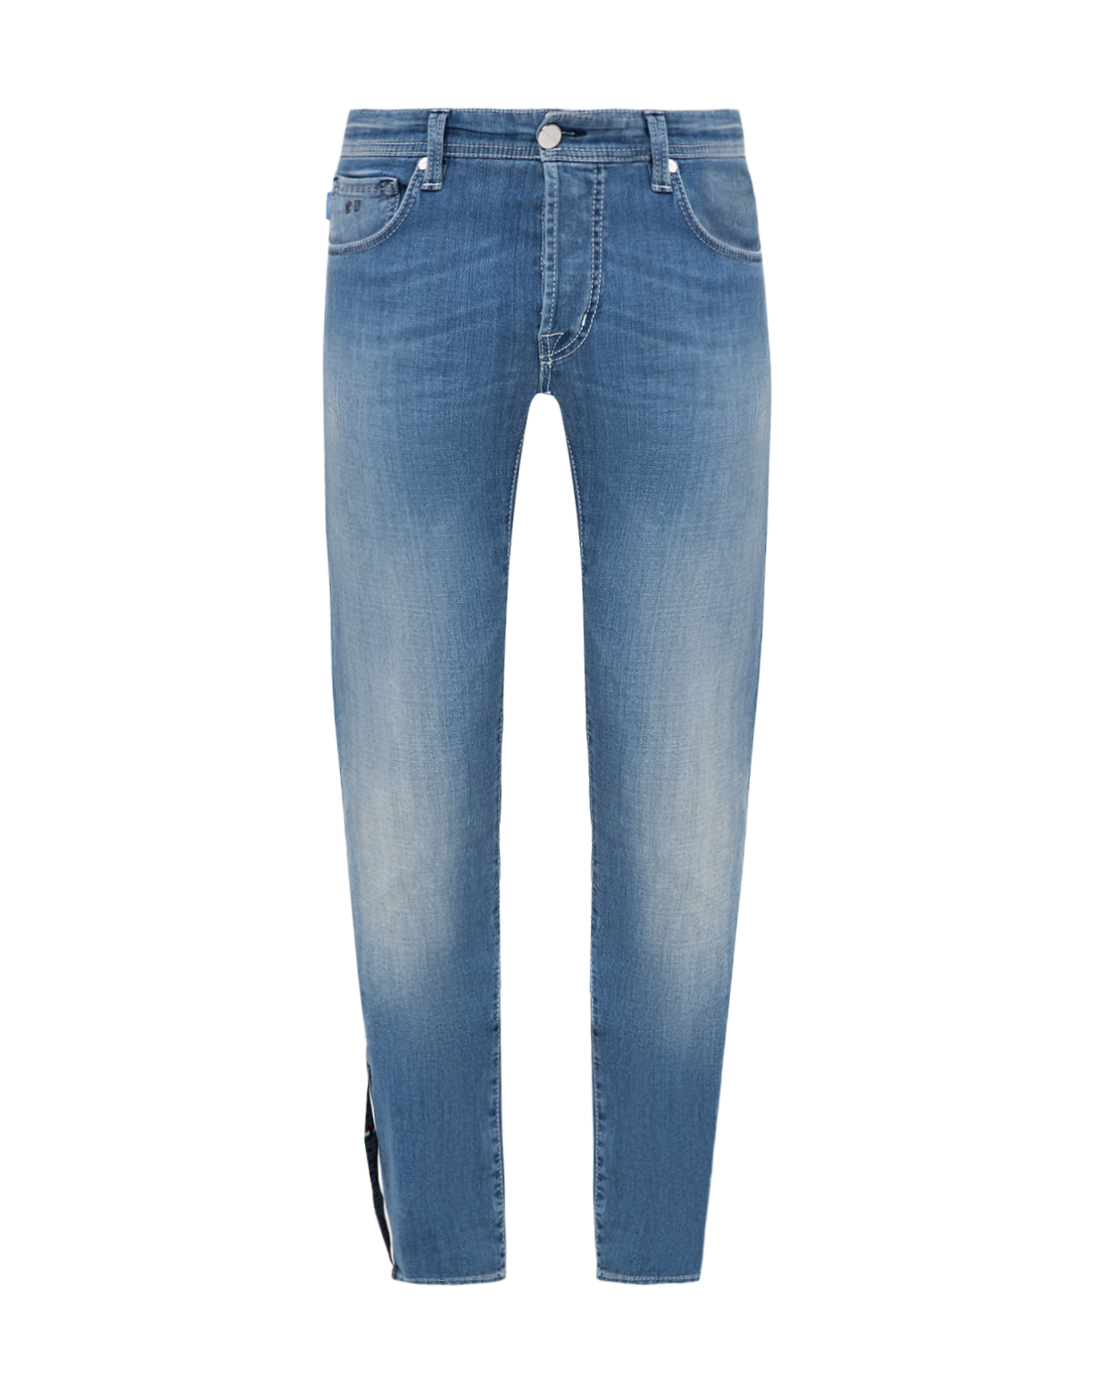 Мужские голубые джинсы Leonardo